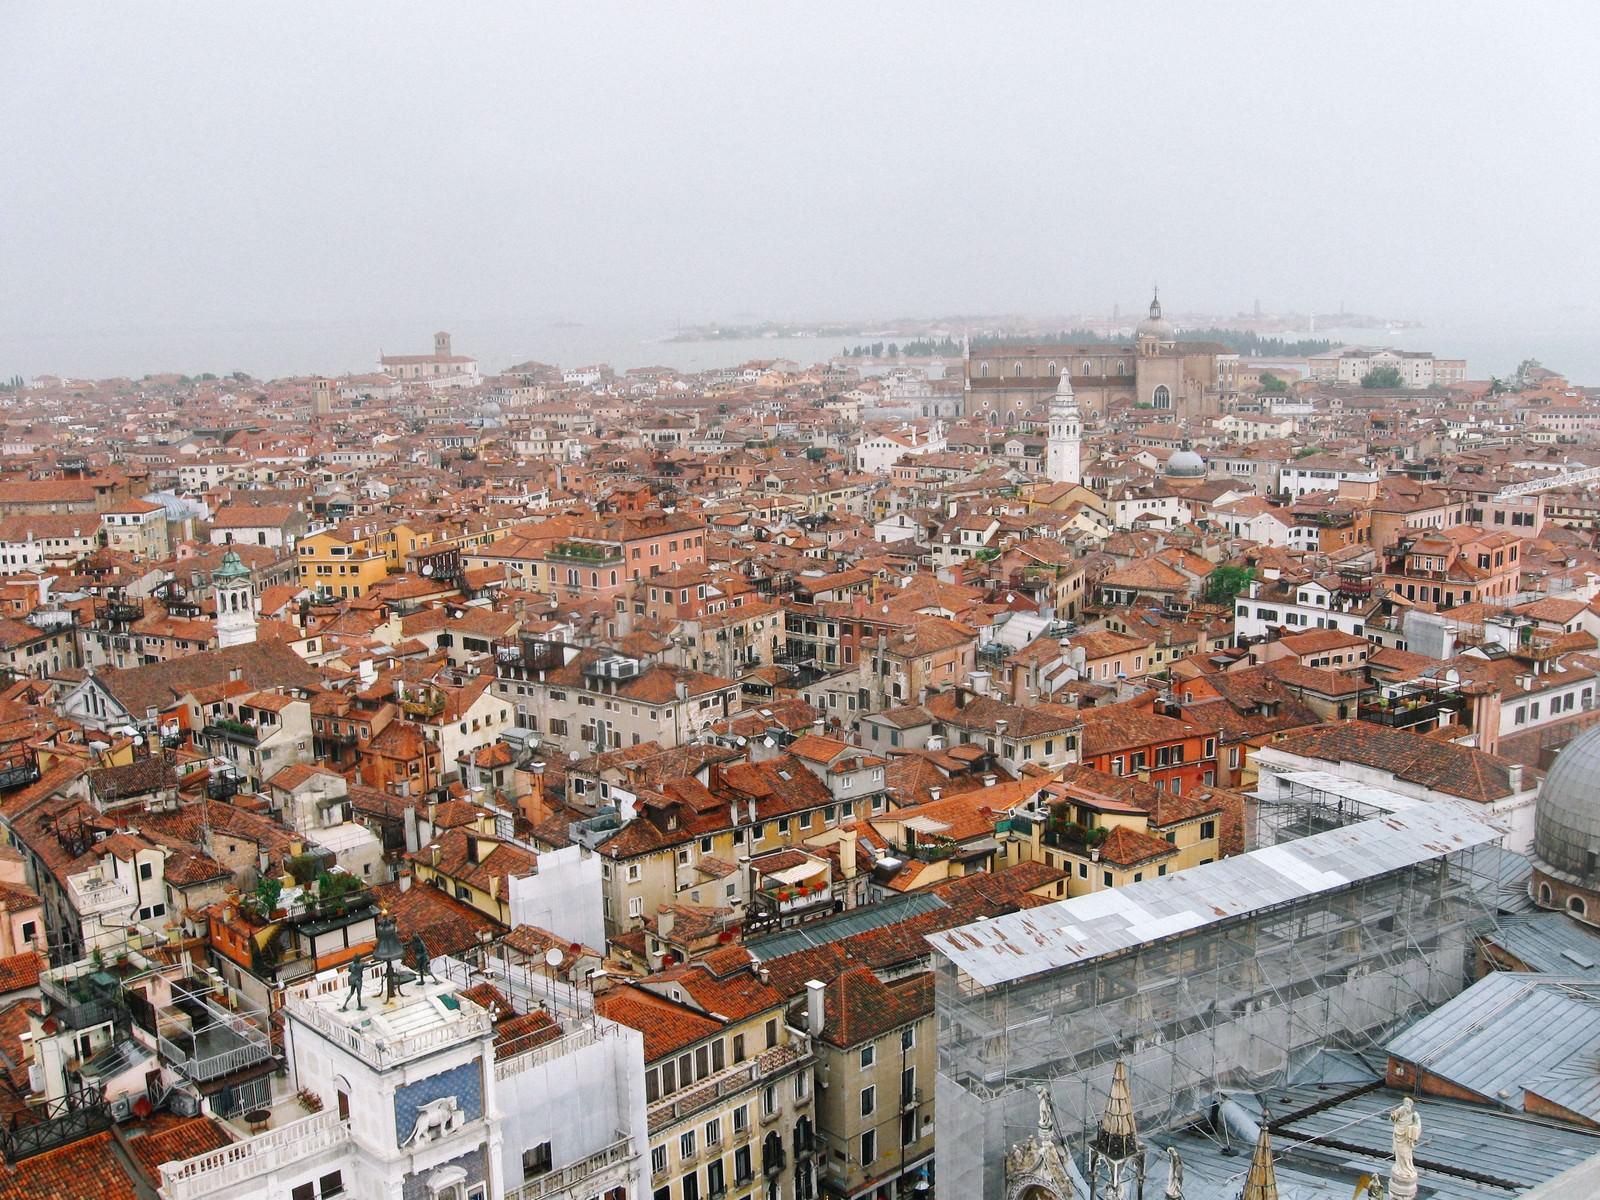 「ベネチアの建物と街並み(イタリア)」の写真